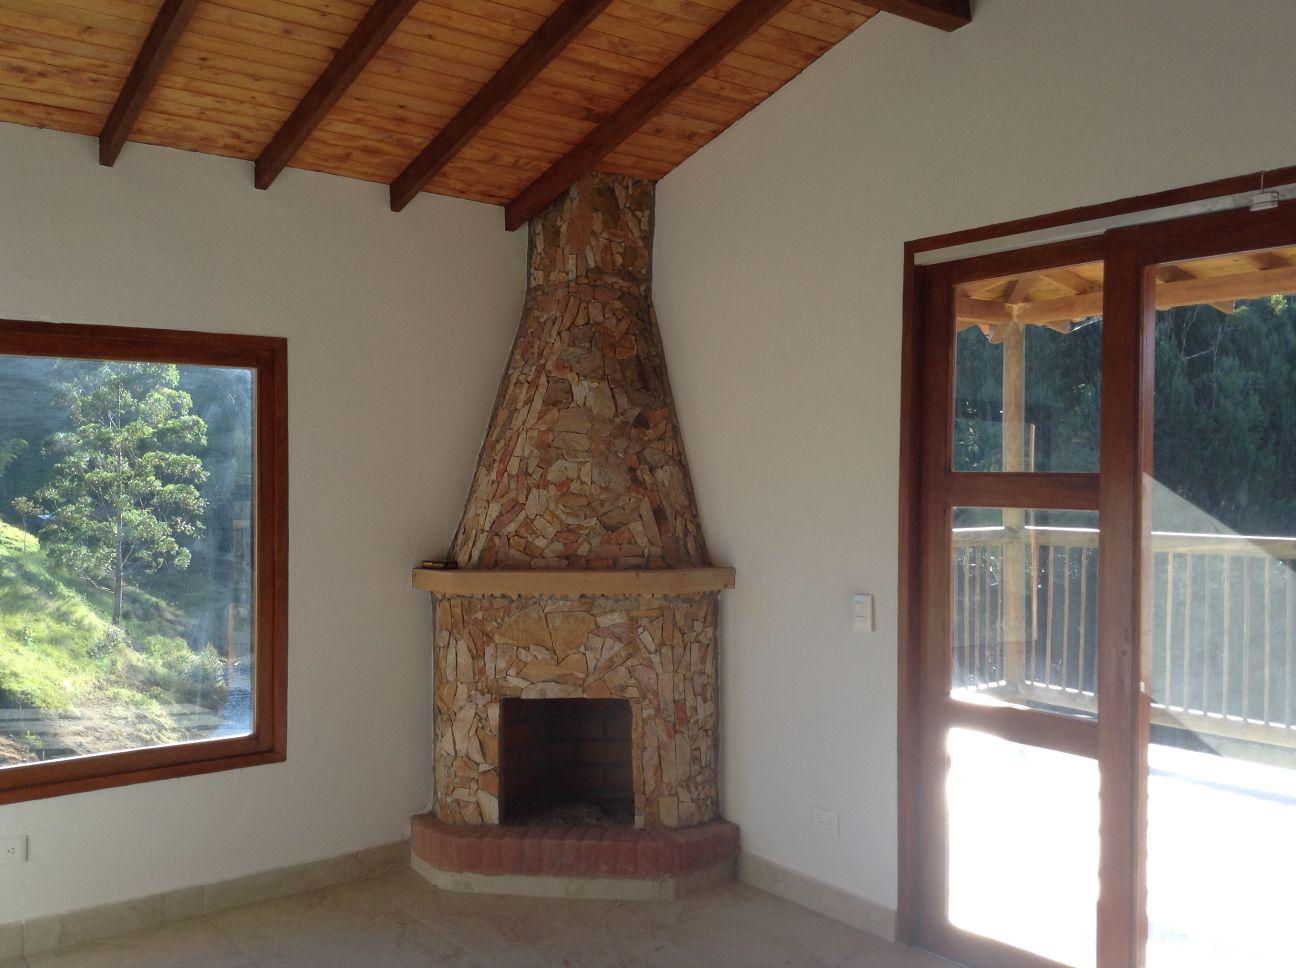 Casas prefabricadas en colombia una alternativa sustentable - Materiales para casas prefabricadas ...